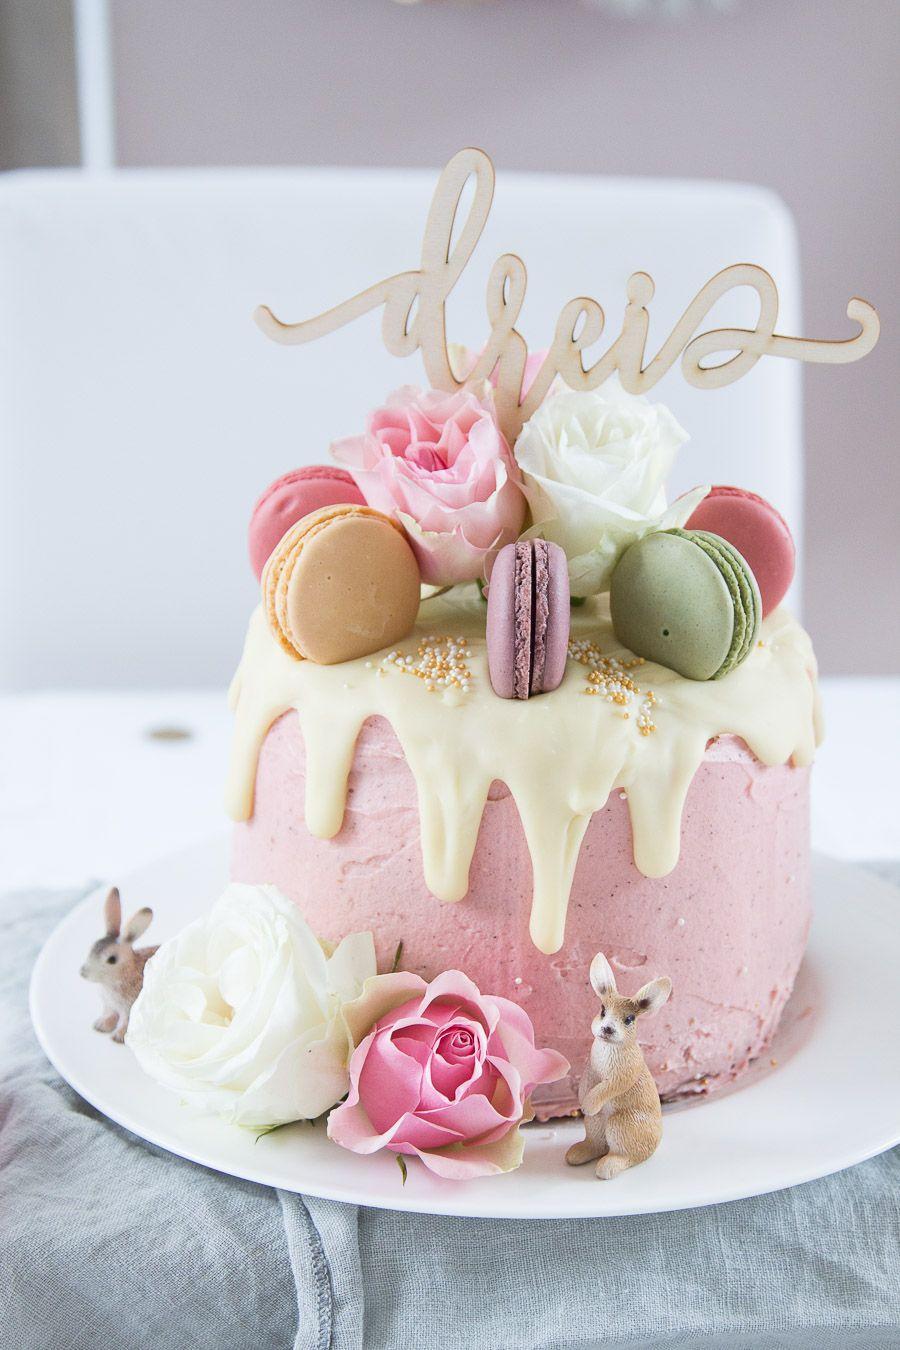 """I did it! Ich habe für Valerie's 3. Geburtstag eine Torte gebacken! Eine Geburtstagstorte mit Rosen und Makronen! Ihr habt sie wahrscheinlich schon im letzten Post """"Valeries 3. Geburtst… #apfelrosenmuffins"""